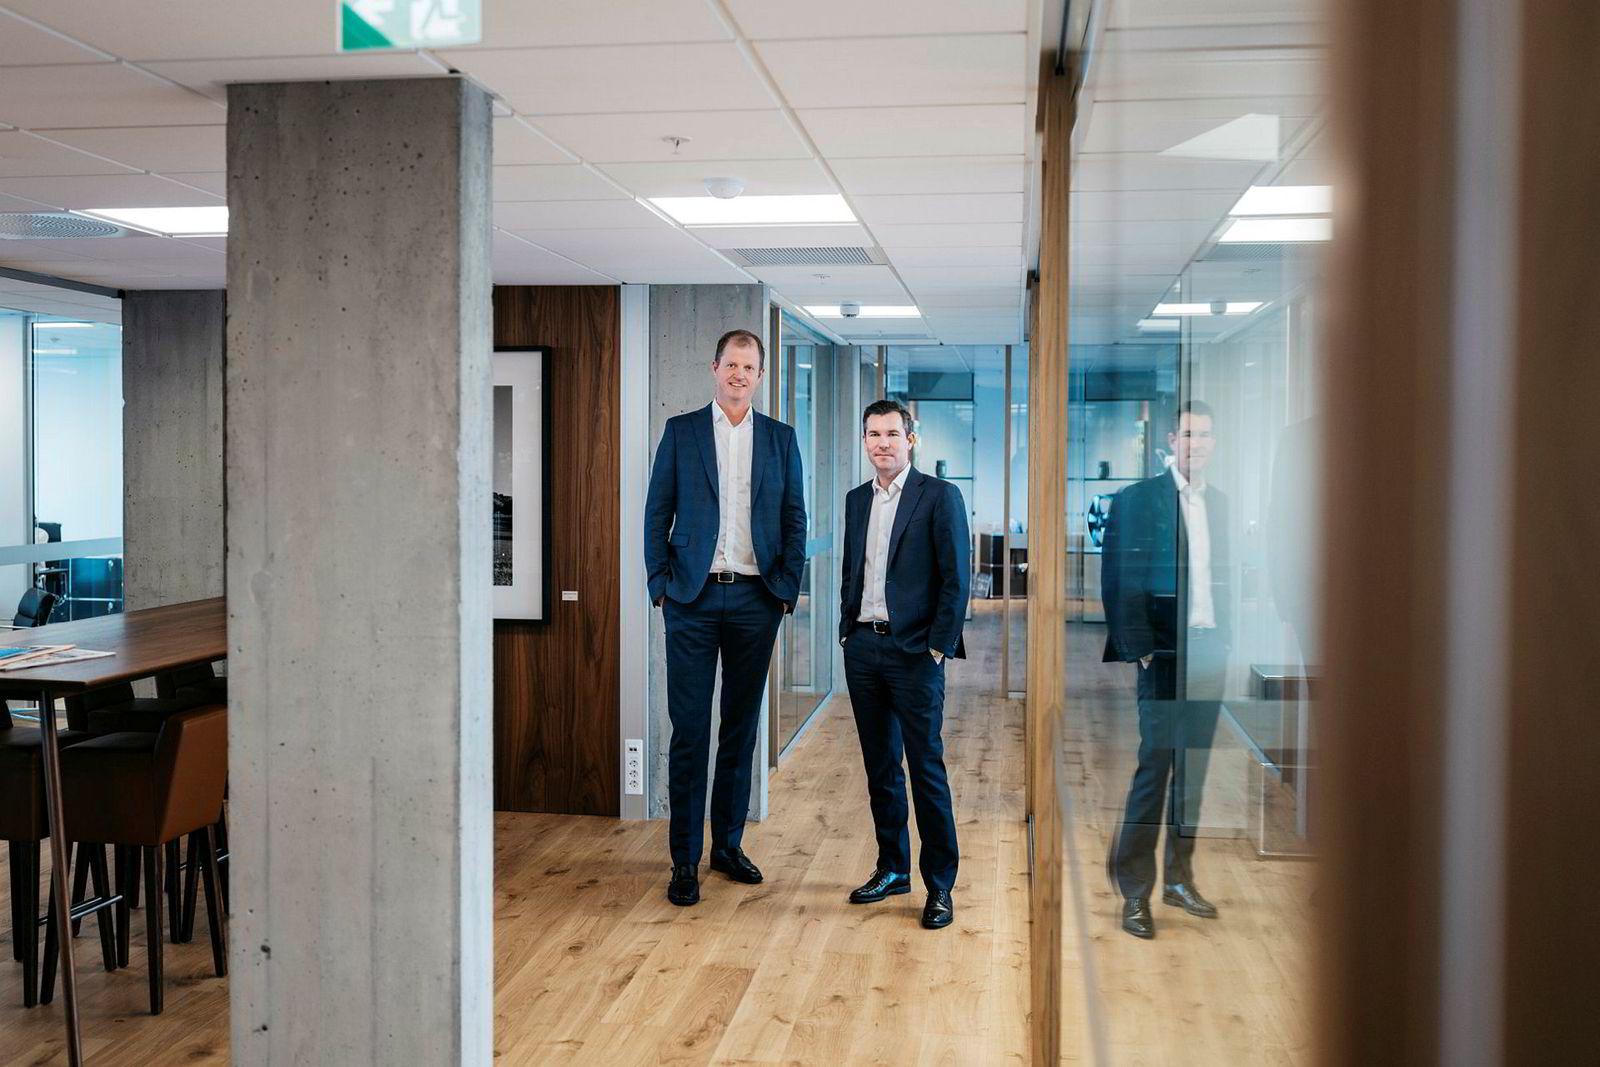 Øyvind Mikalsen i Camar Eiendom som eies sammen med Ole Ertvaag i Hitecvision har planer om milliardinvesteringer i eiendom. Her sammen med Sindre Ertvaag, toppsjef i Camar.